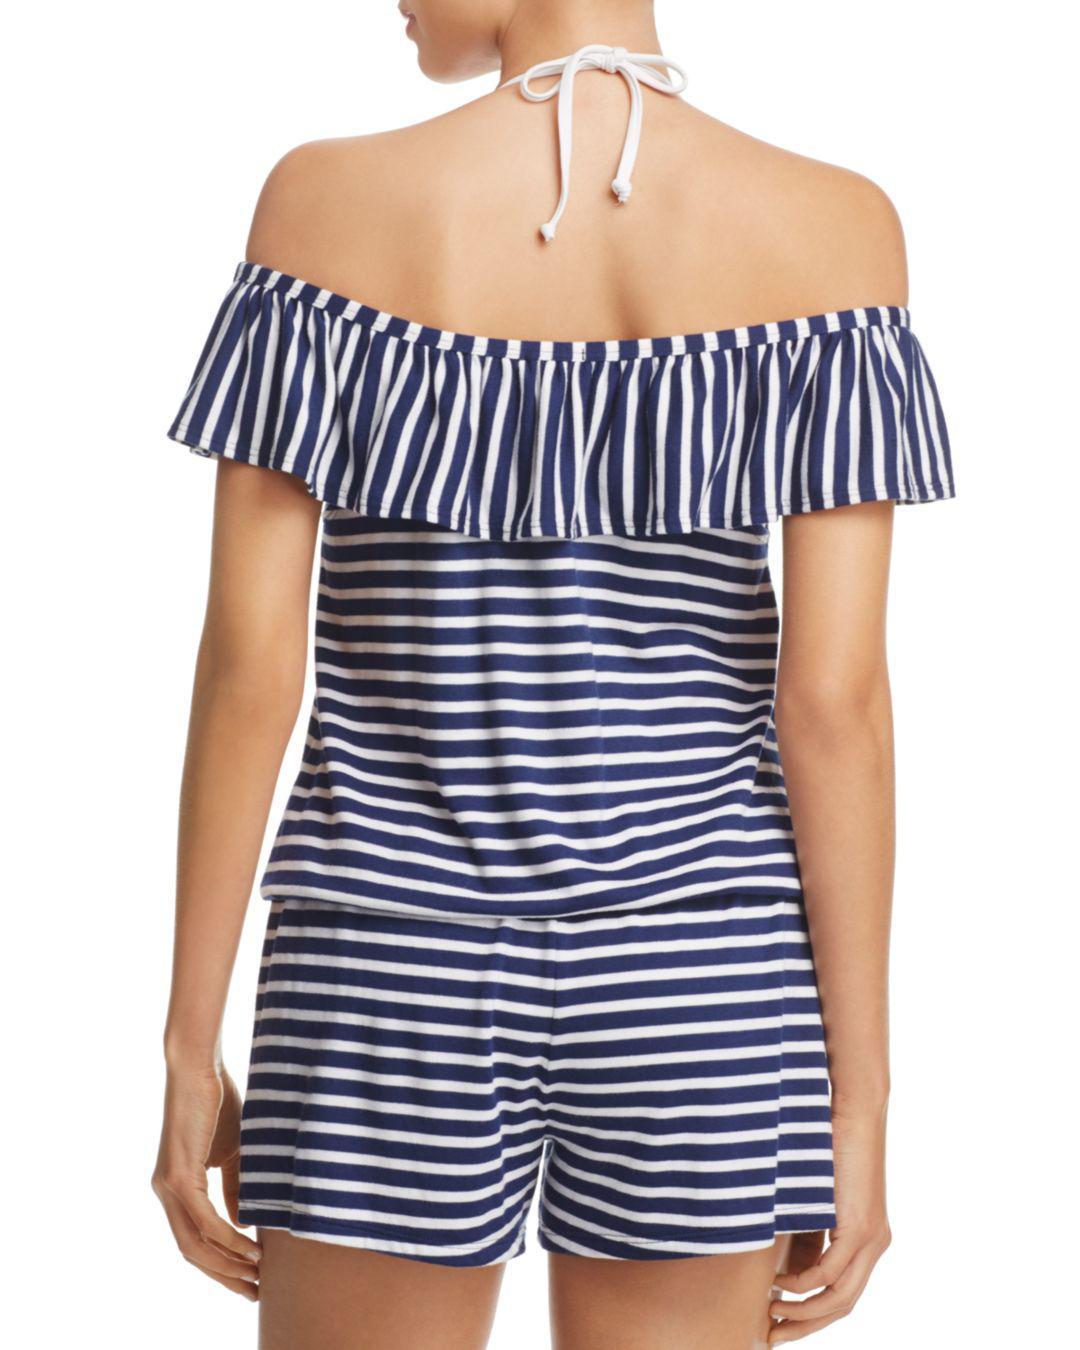 e3622c811f1 Splendid Stripe Covers Romper Swim Cover-up in Blue - Lyst